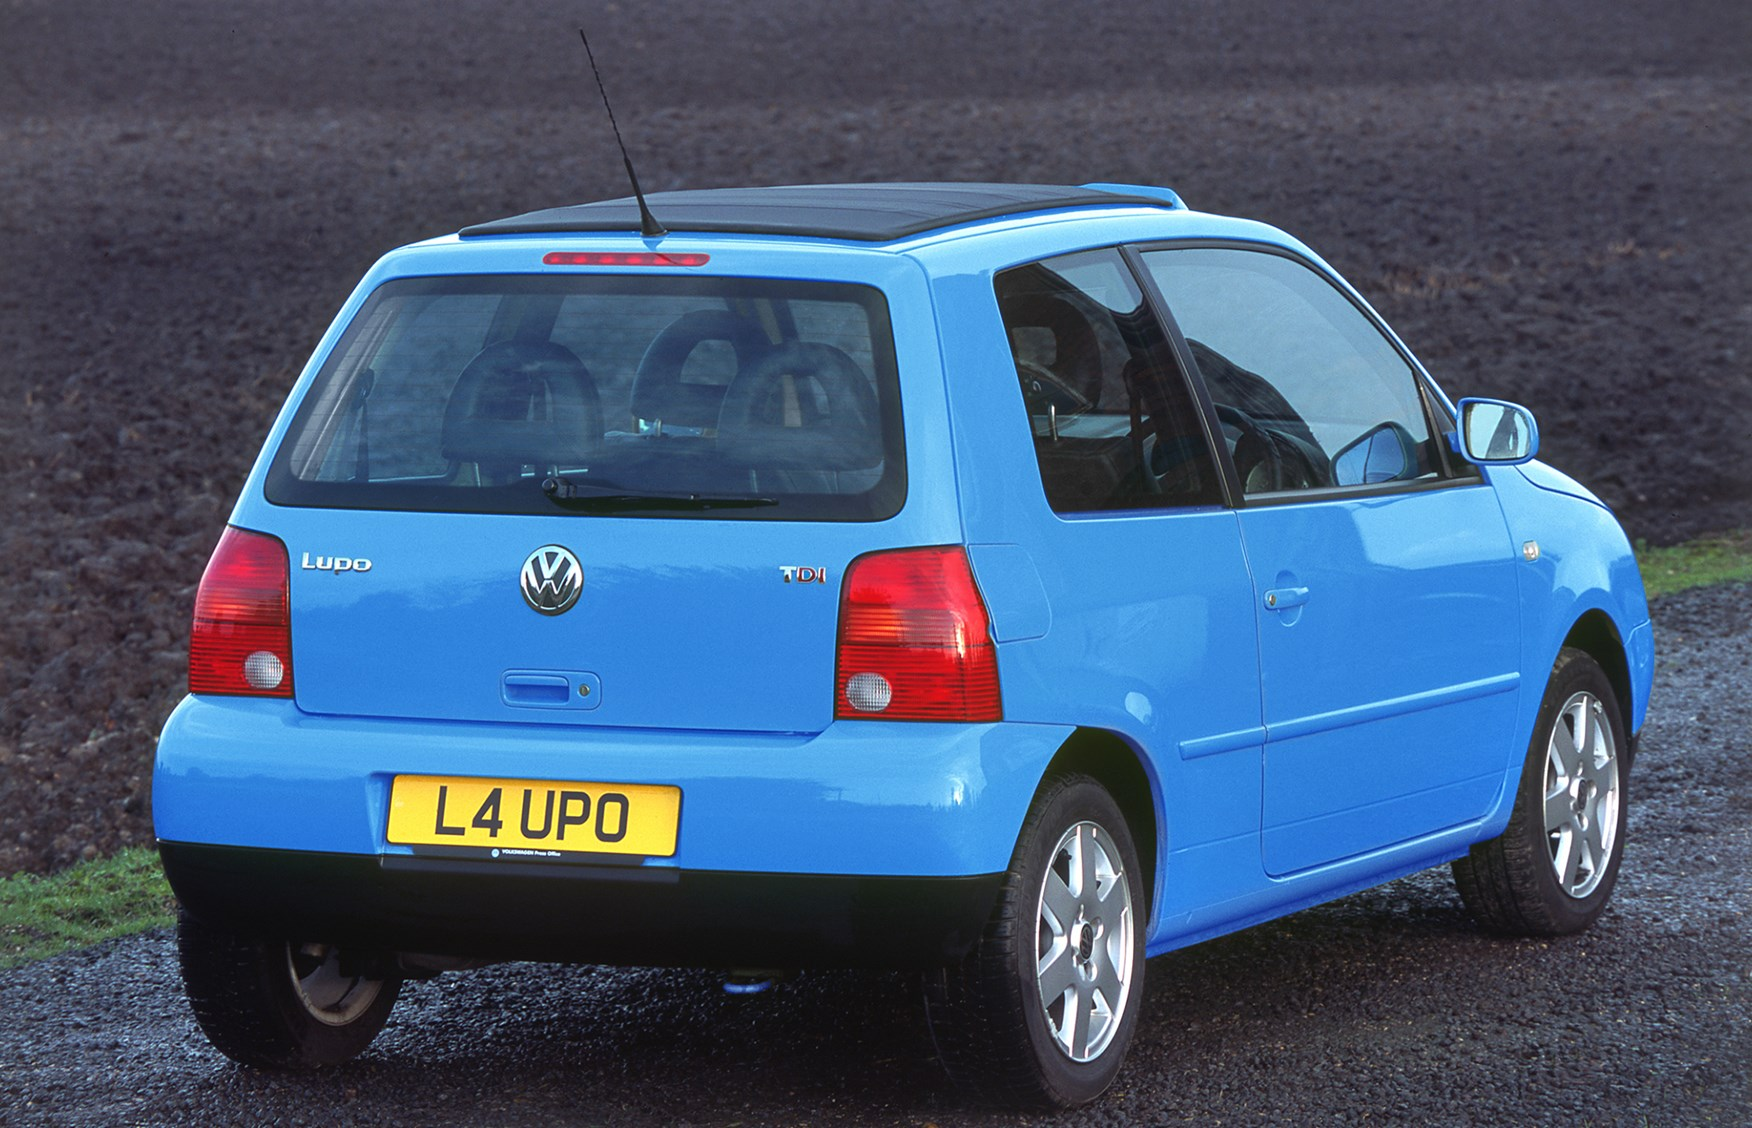 Volkswagen lupo gti 2000 2005 hatchback 3 door outstanding cars volkswagen lupo gti 2000 2005 hatchback 3 door 6 fandeluxe Choice Image